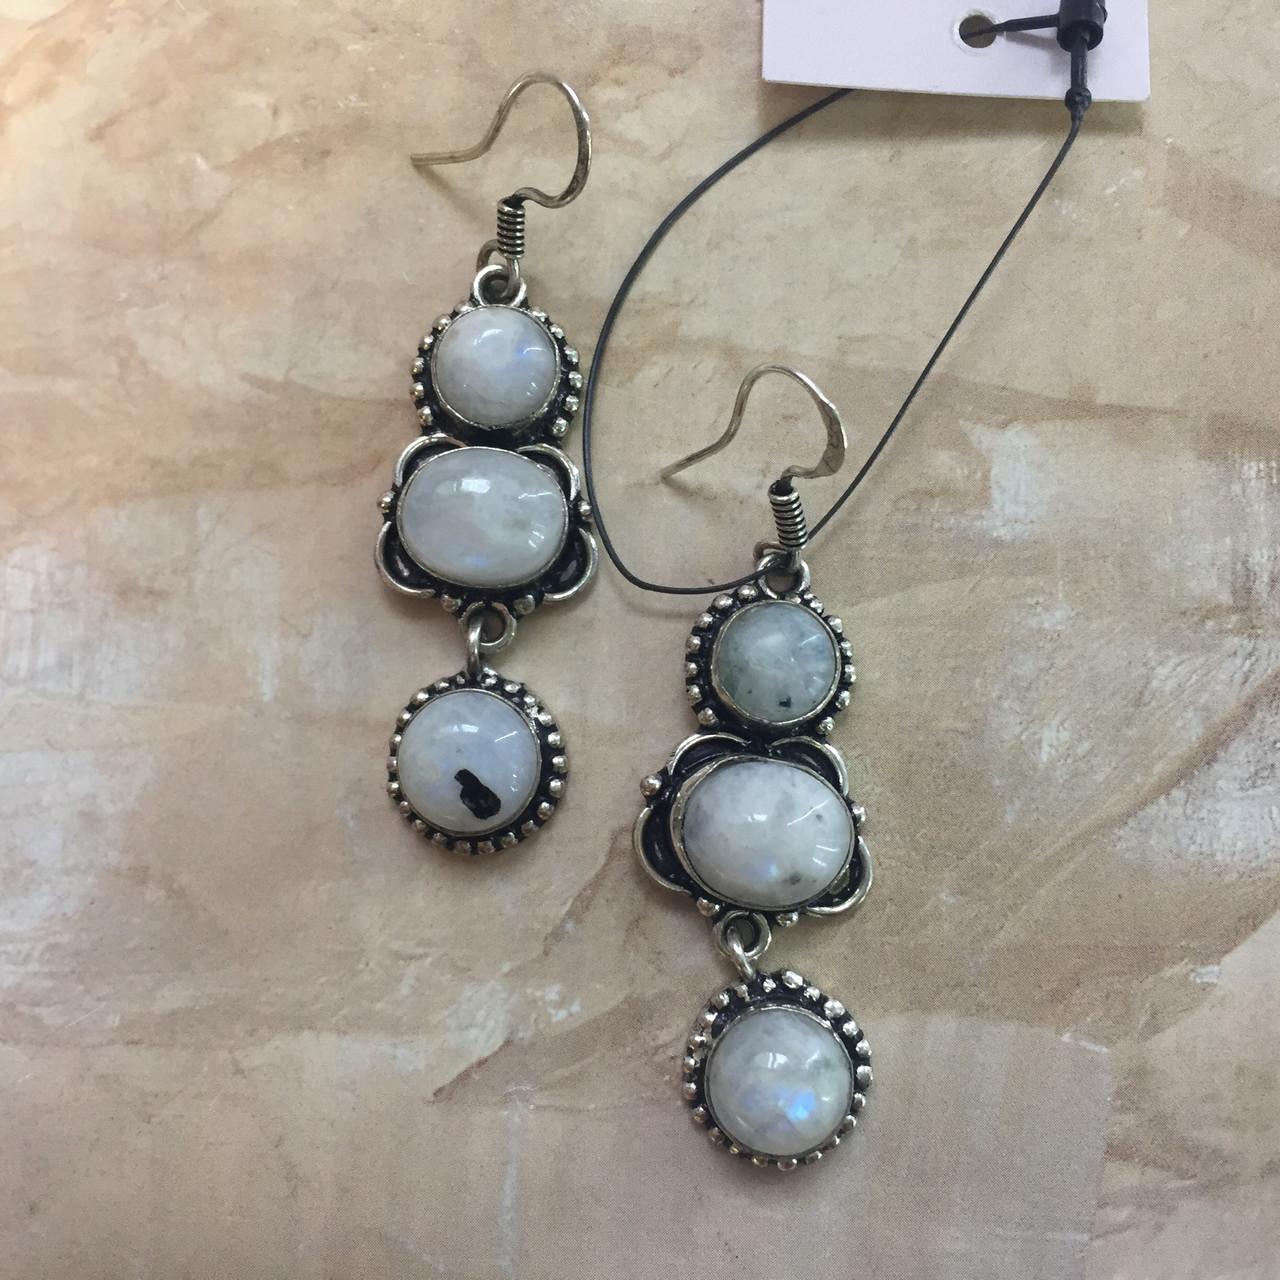 Місячний камінь сережки натуральний місячний камінь в сріблі